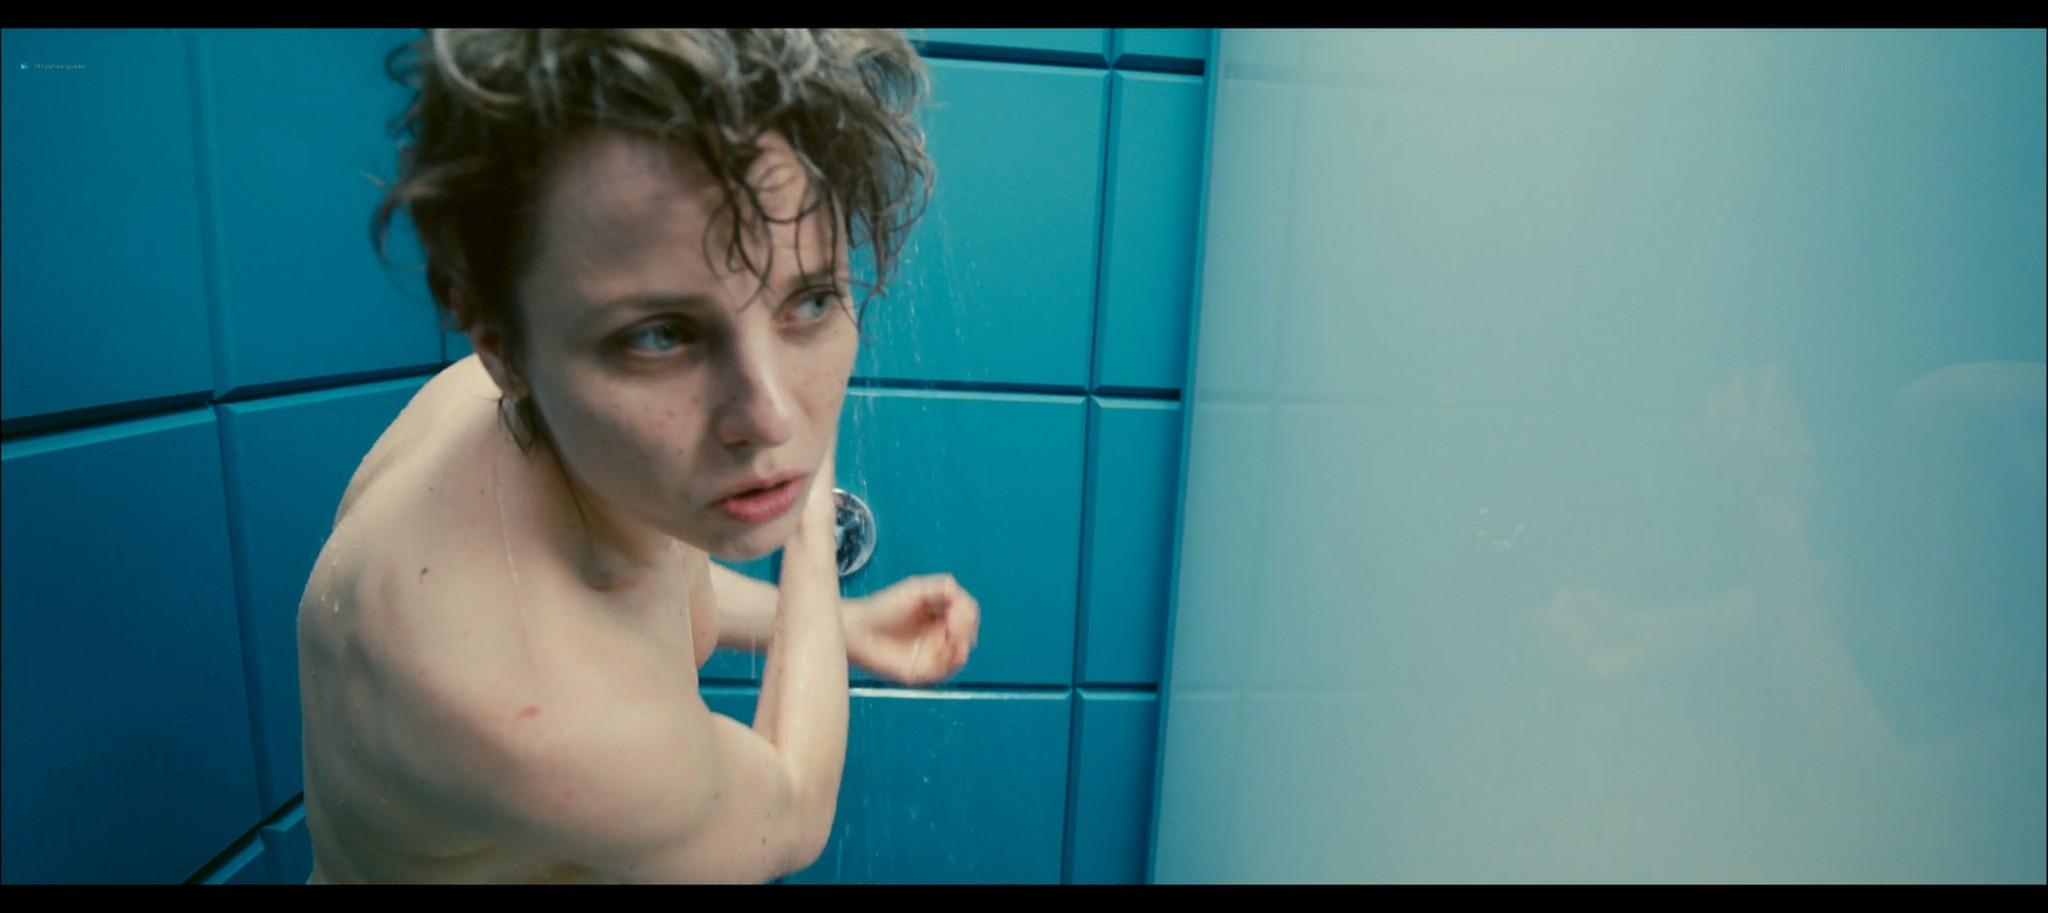 Julia Kijowska nude in the shower Fisheye PL 2020 1080p Web 2